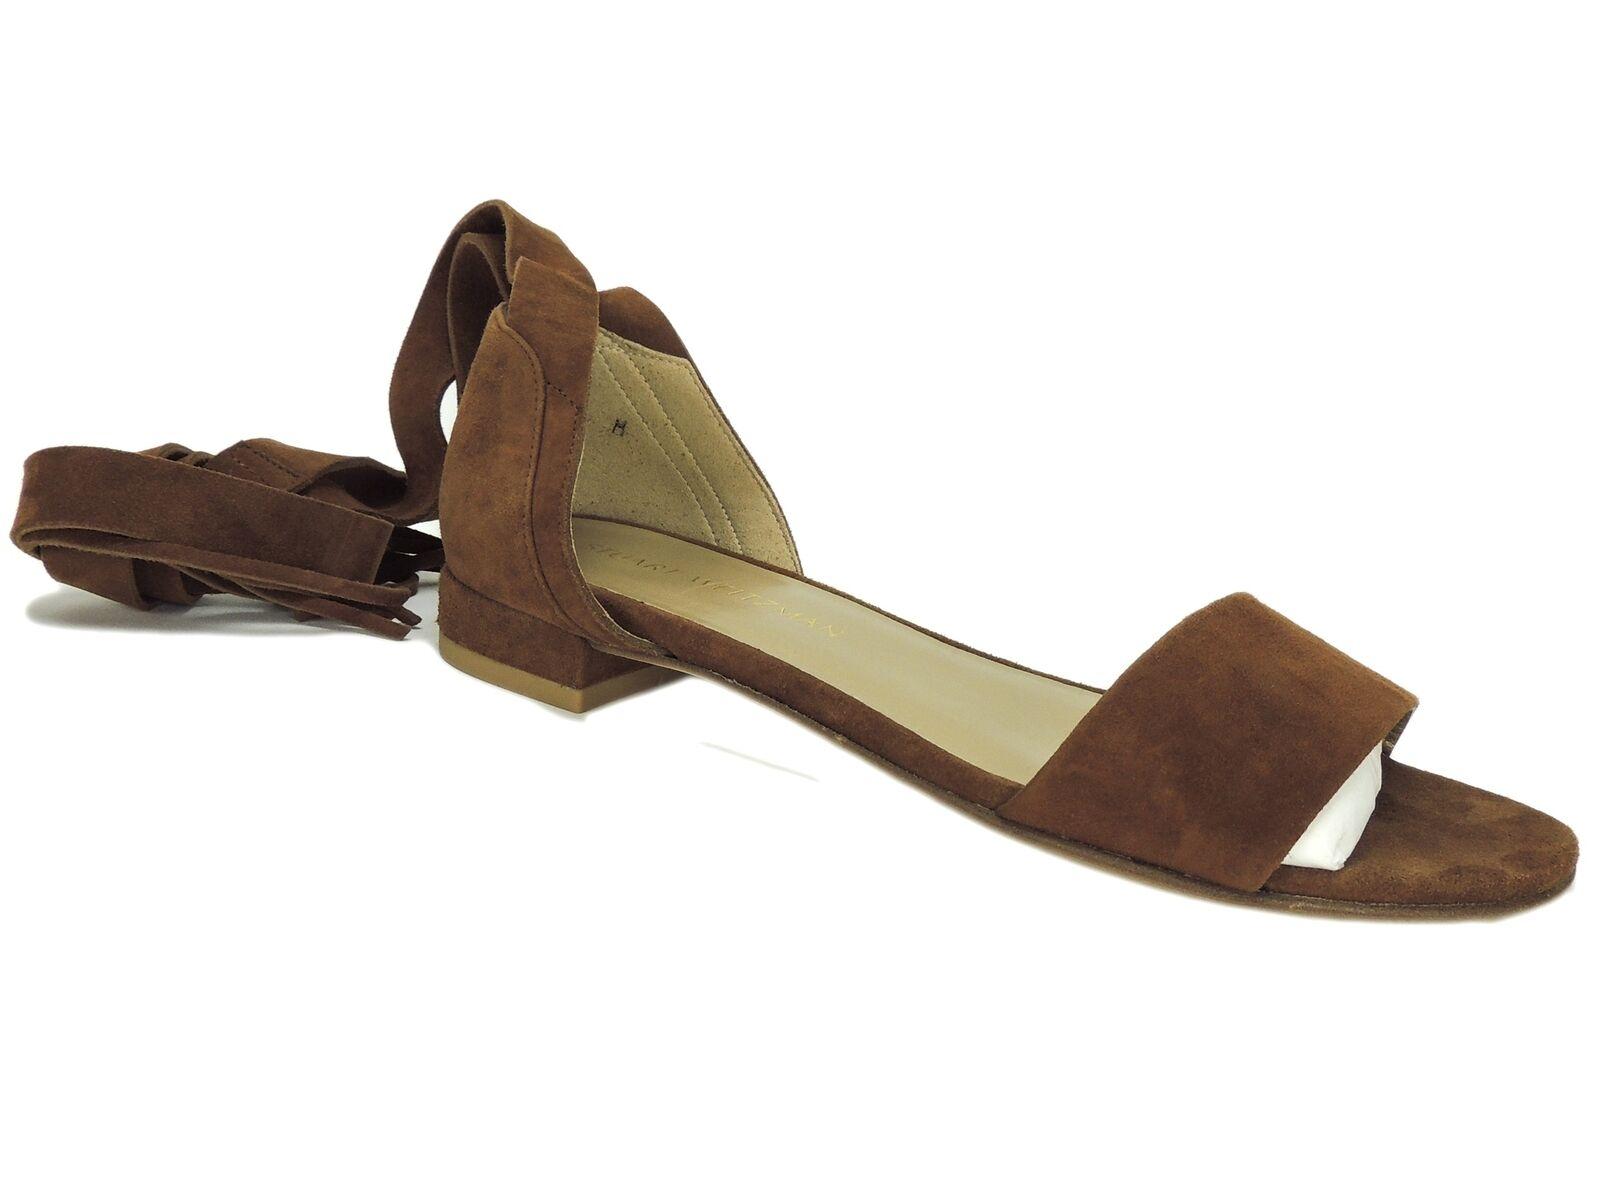 Stuart Weitzman Women's Women's Women's Corbata Flat Sandals Amaretto Suede Size 8 M 7b1059